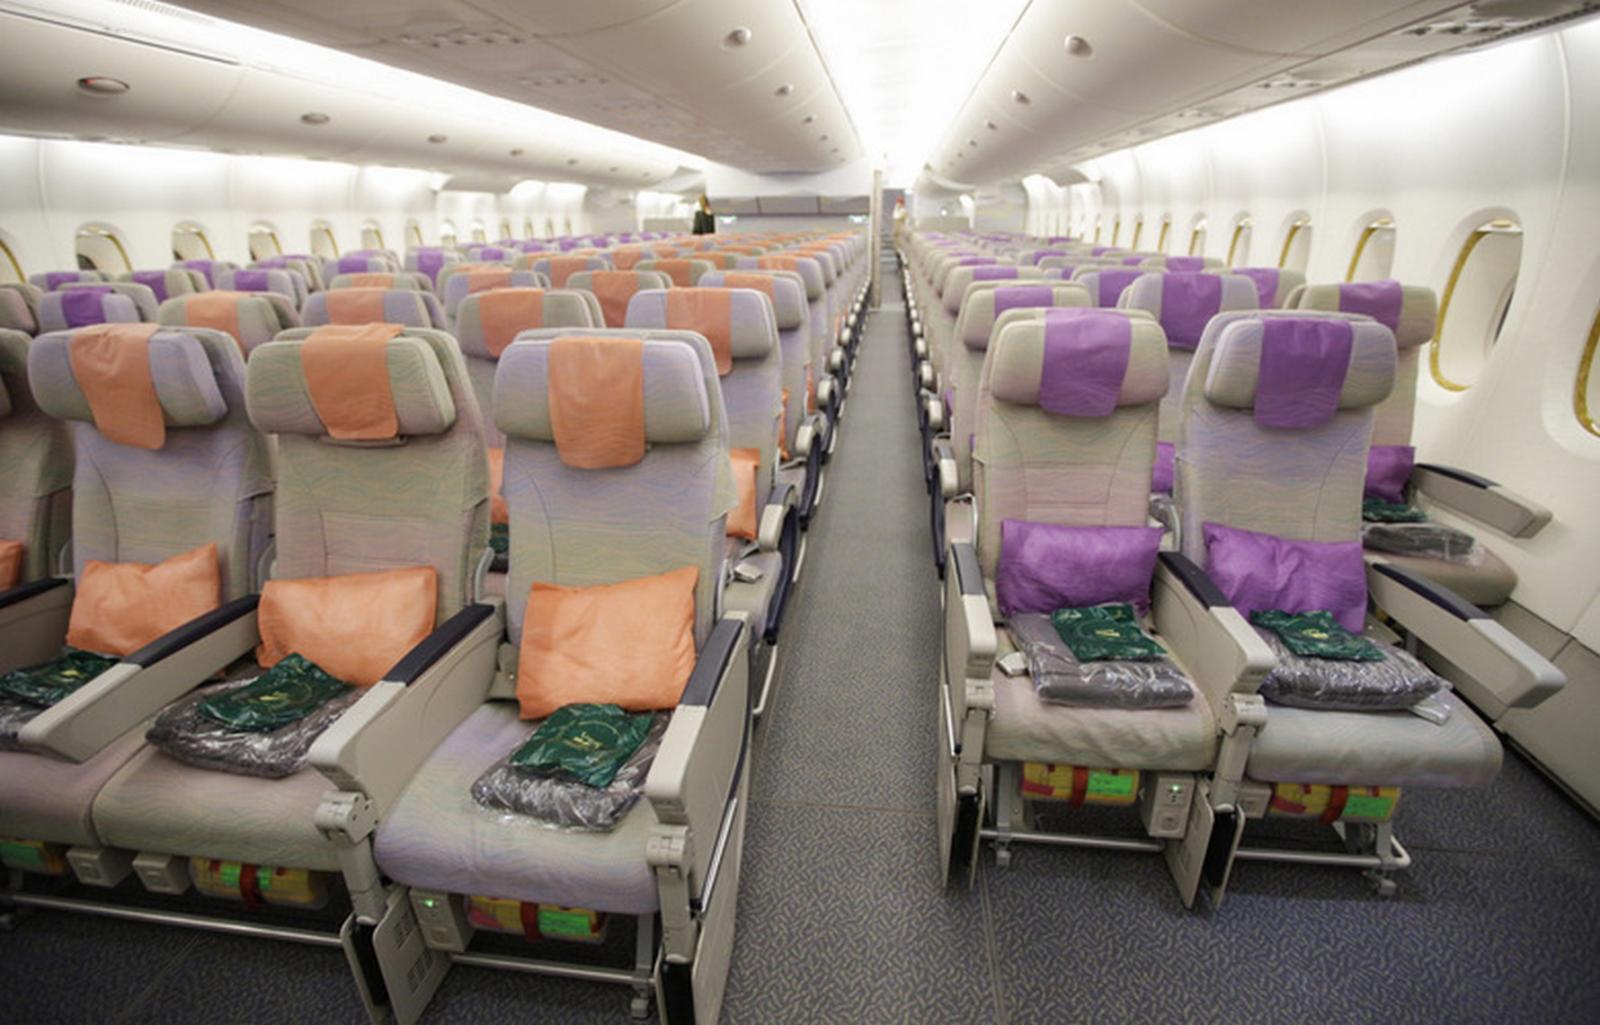 Passagens aéreas ficaram em média 35% mais caras nos últimos 12 meses